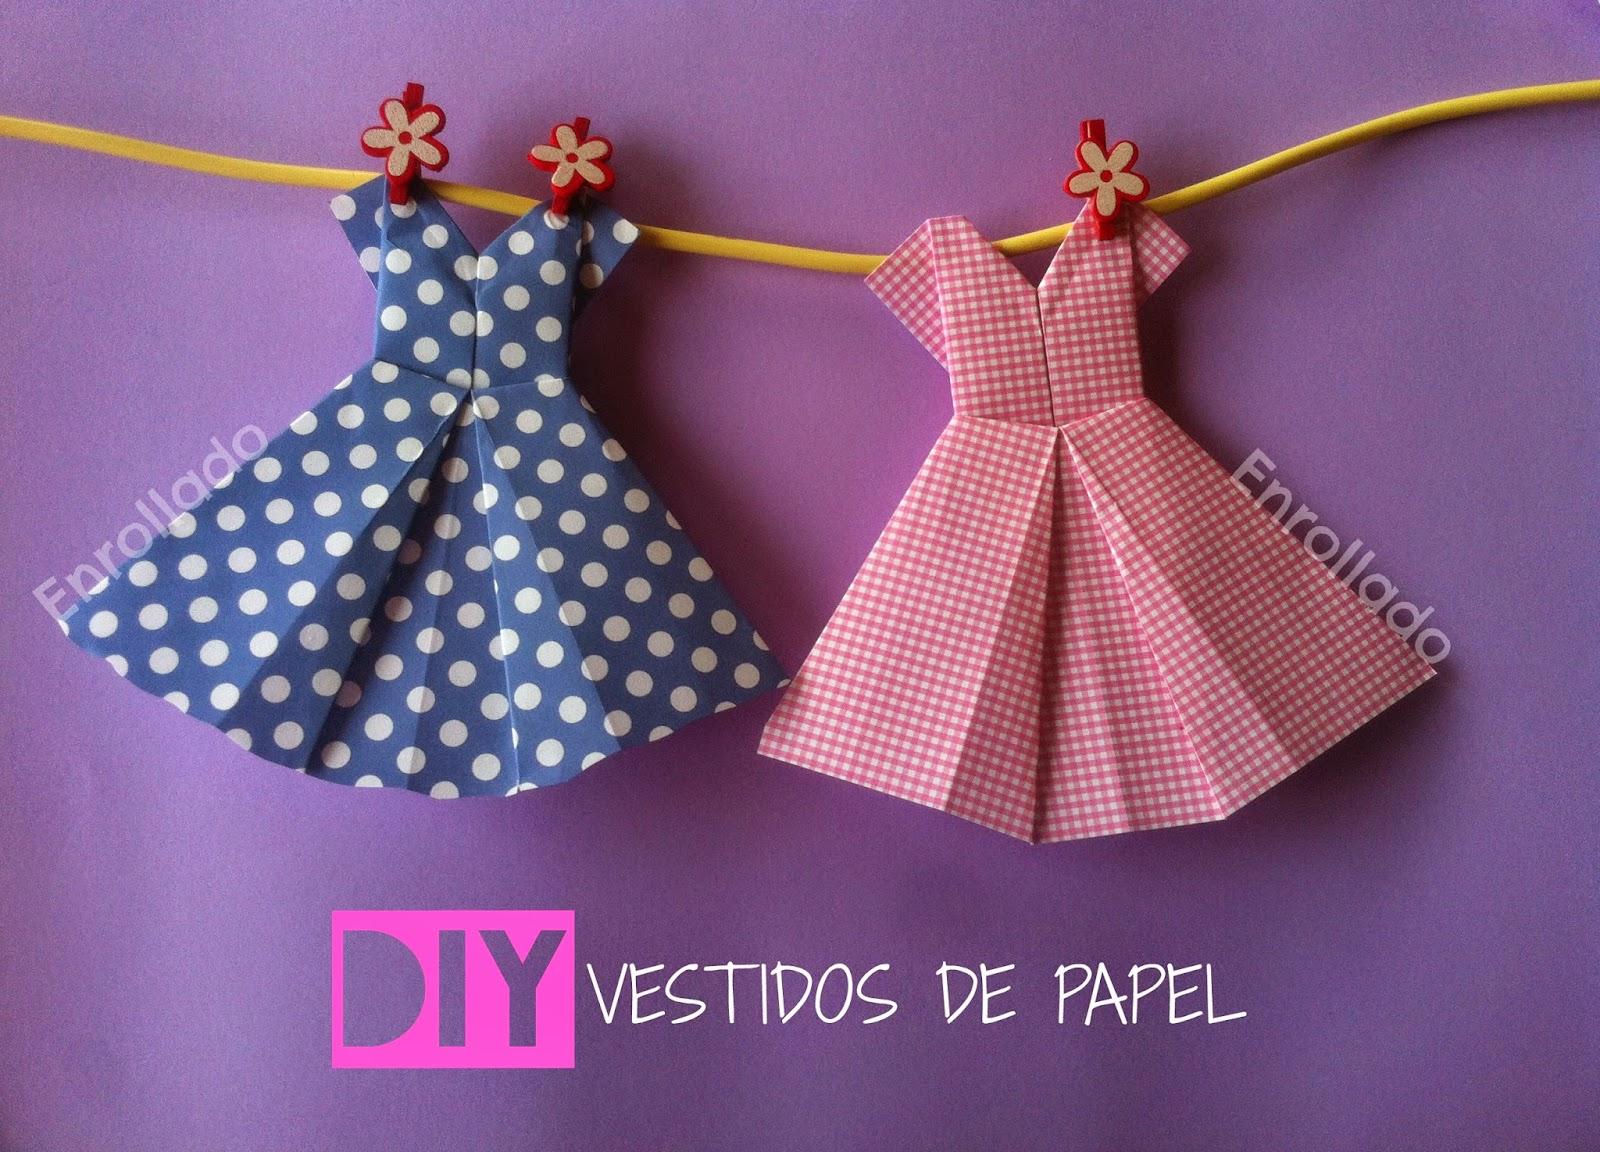 ENROLLADO: DIY VESTIDOS DE PAPEL